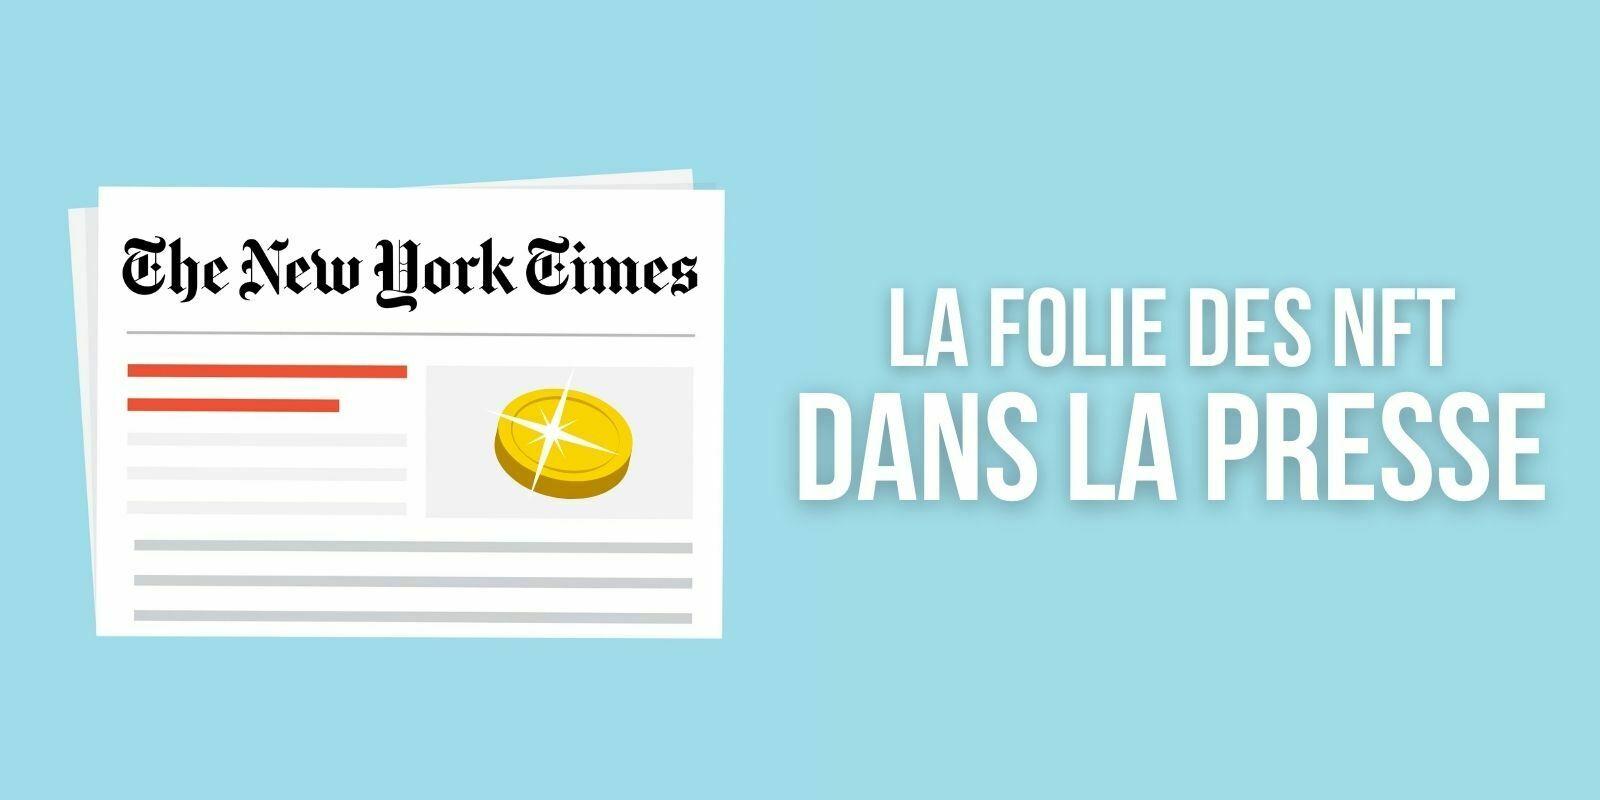 Le New York Times vend un article en NFT contre 560 000 dollars